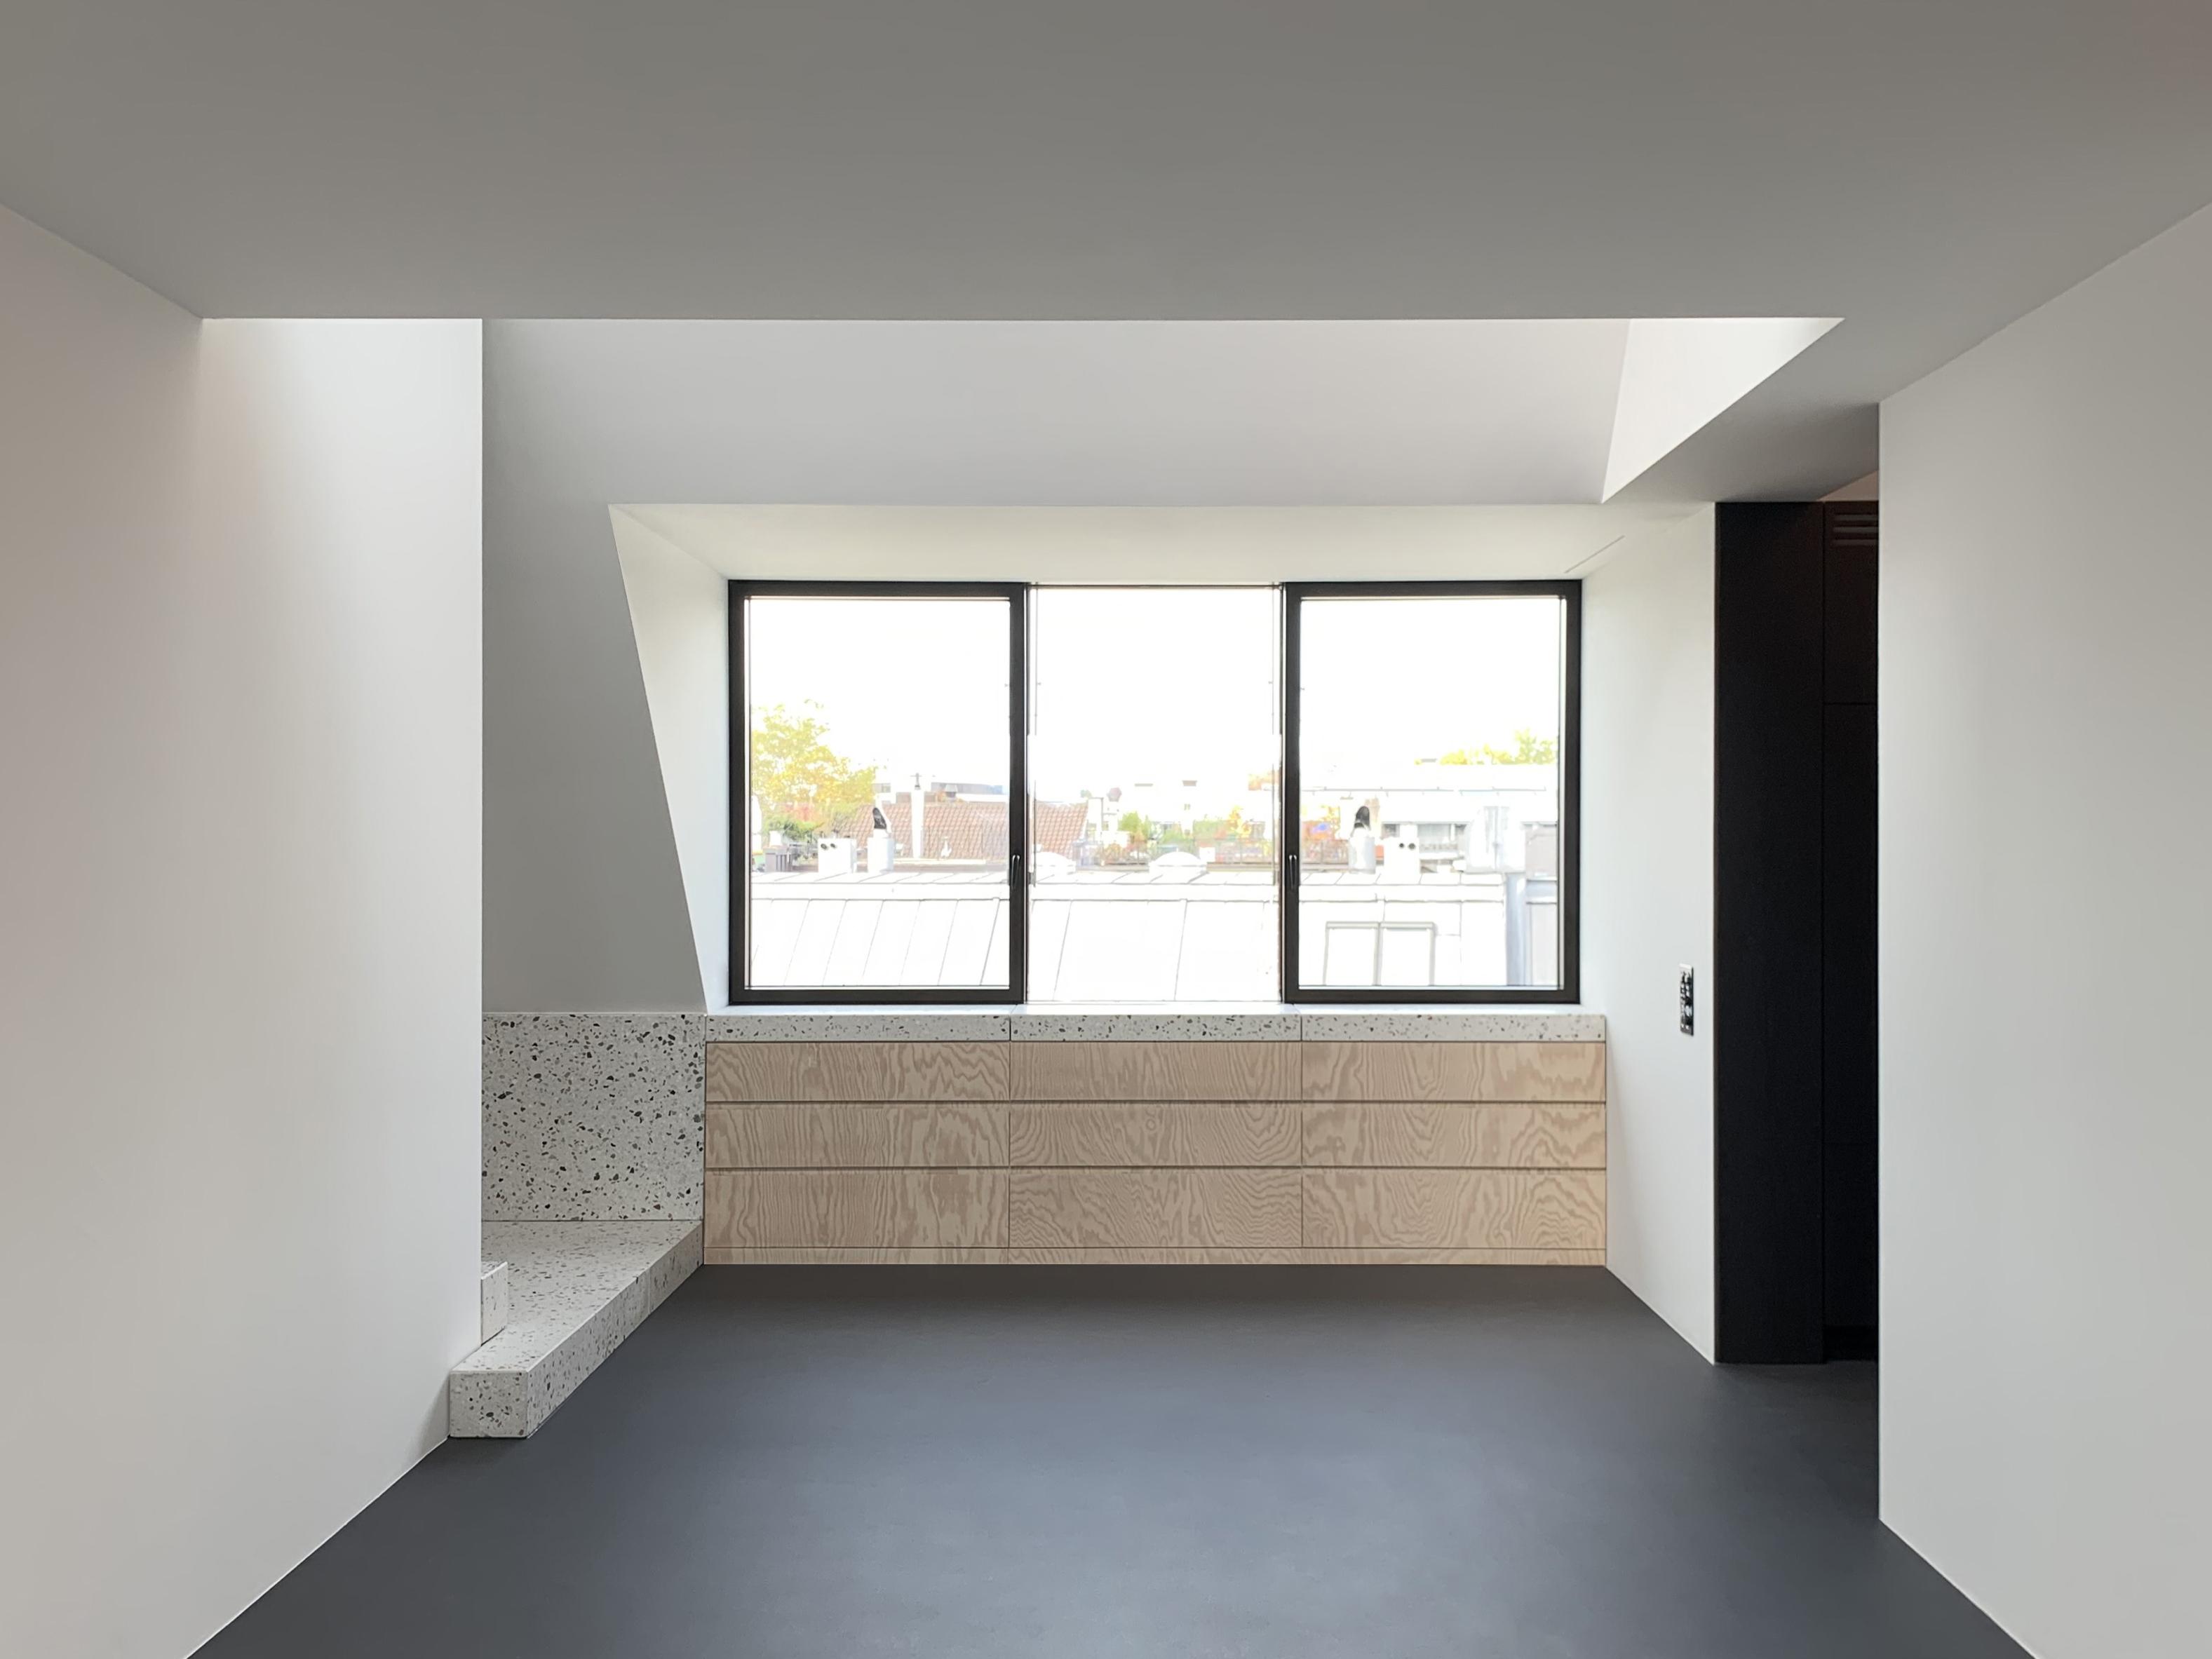 Umbau Wohnhaus Zürich: Wohnraum Dachwohnung